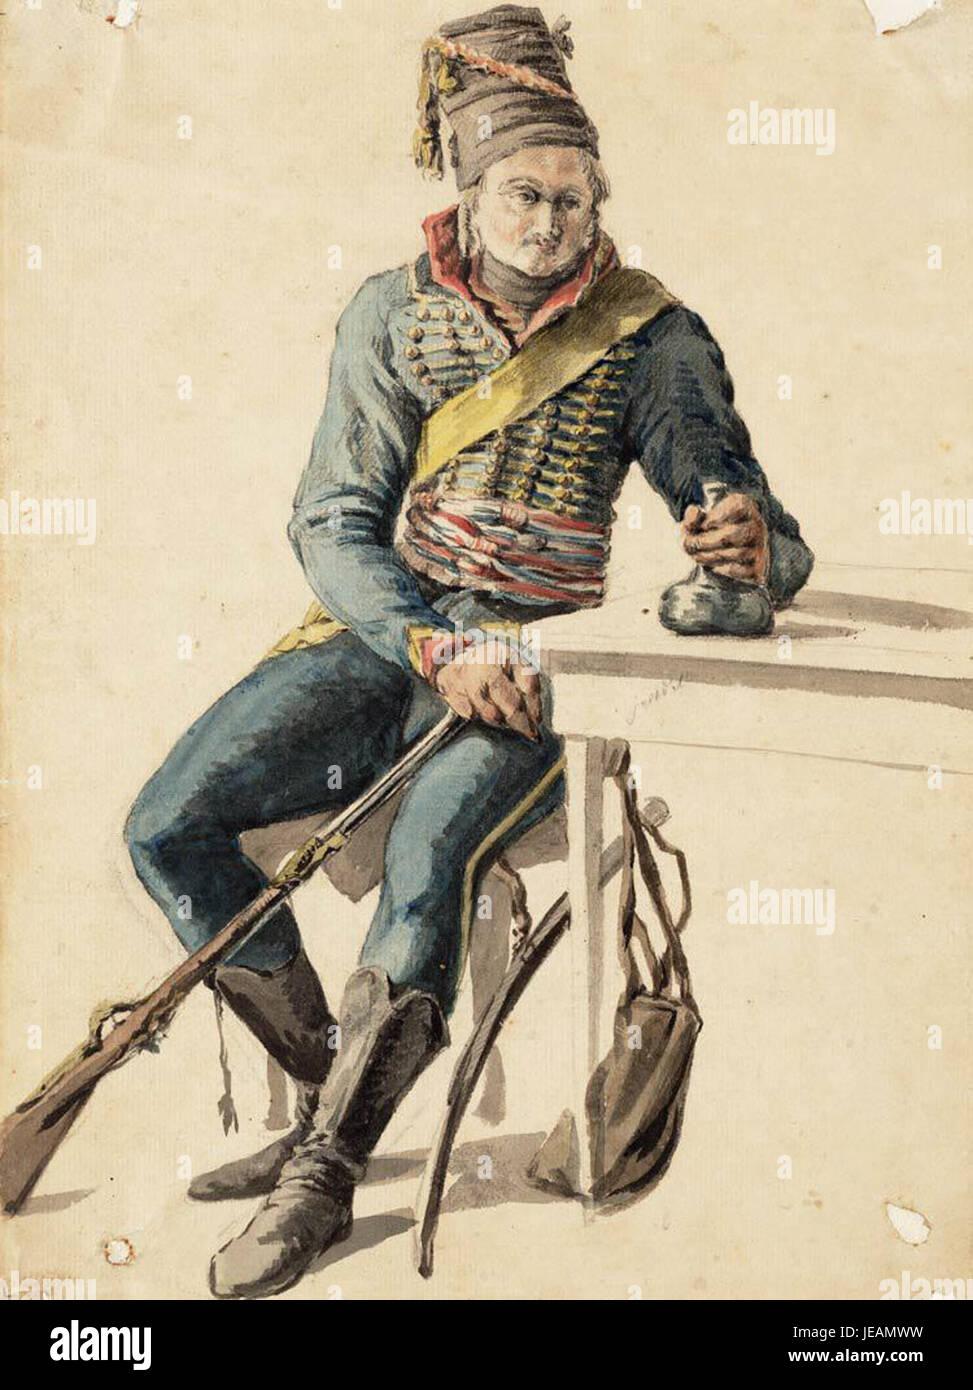 Ao 1795, Huzaar van de Bataafse Republiek - Stock Image